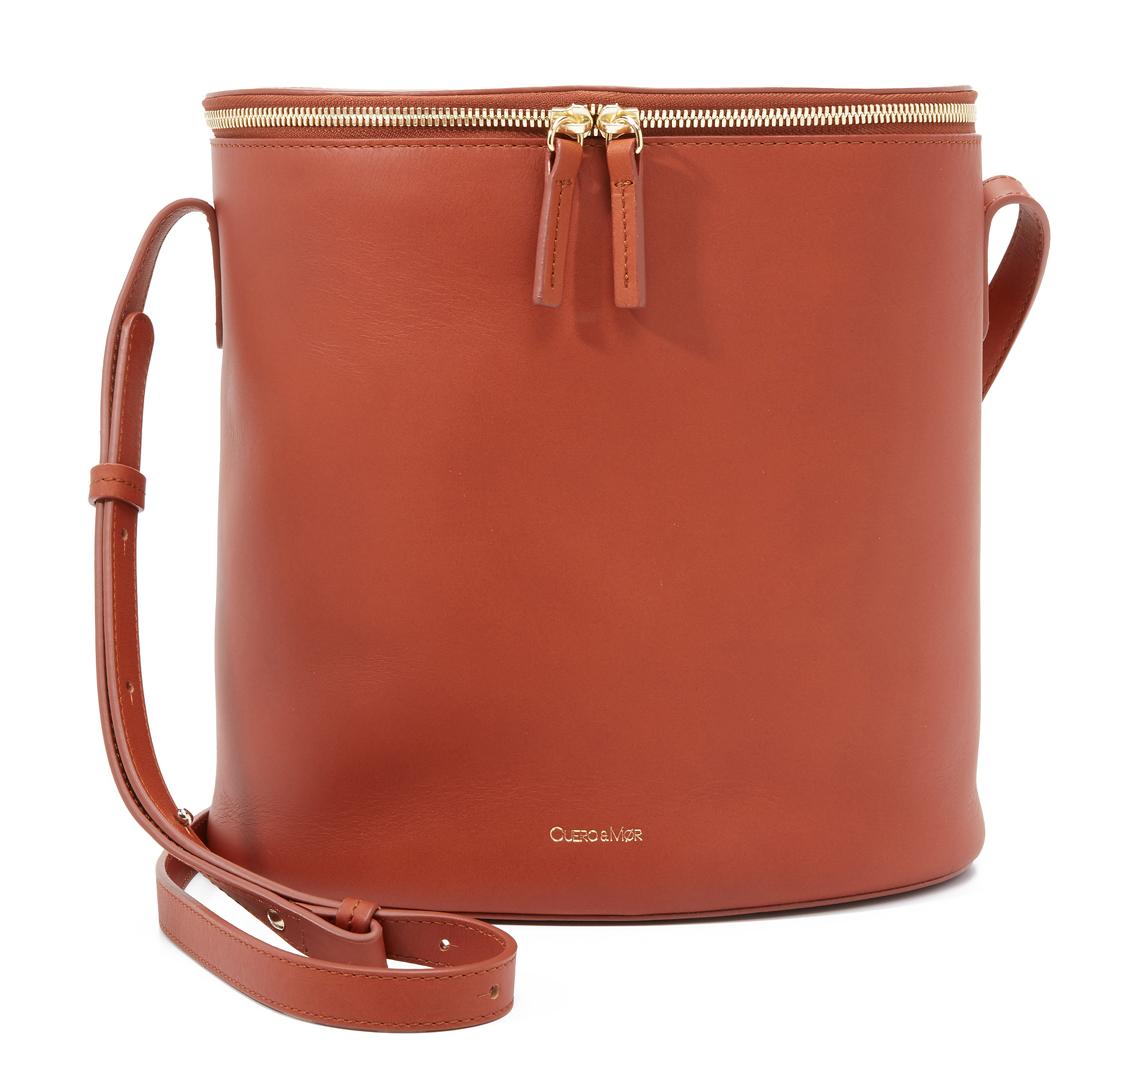 Cuero-and-Mor-Bucket-Bag-Tan